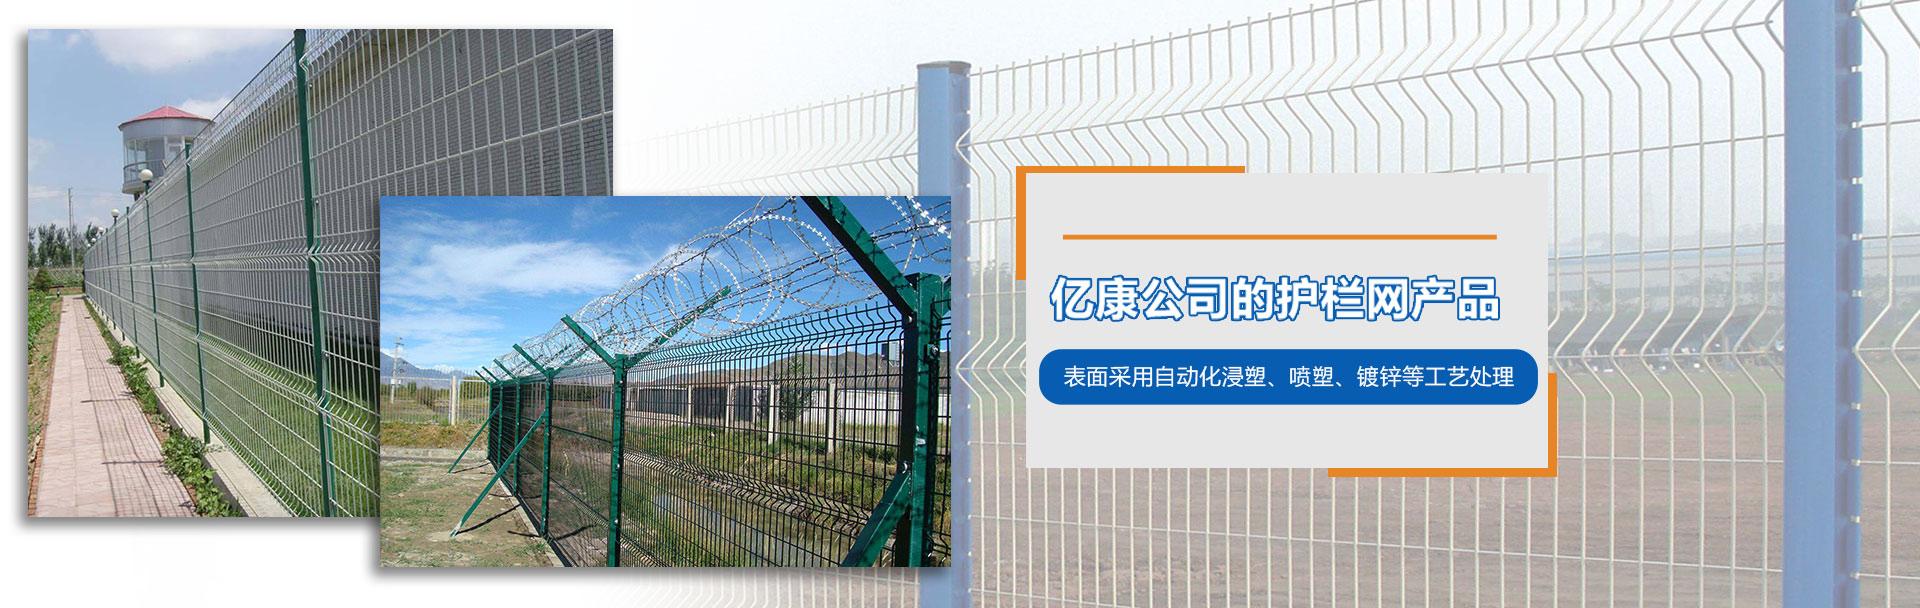 重庆防护网厂家